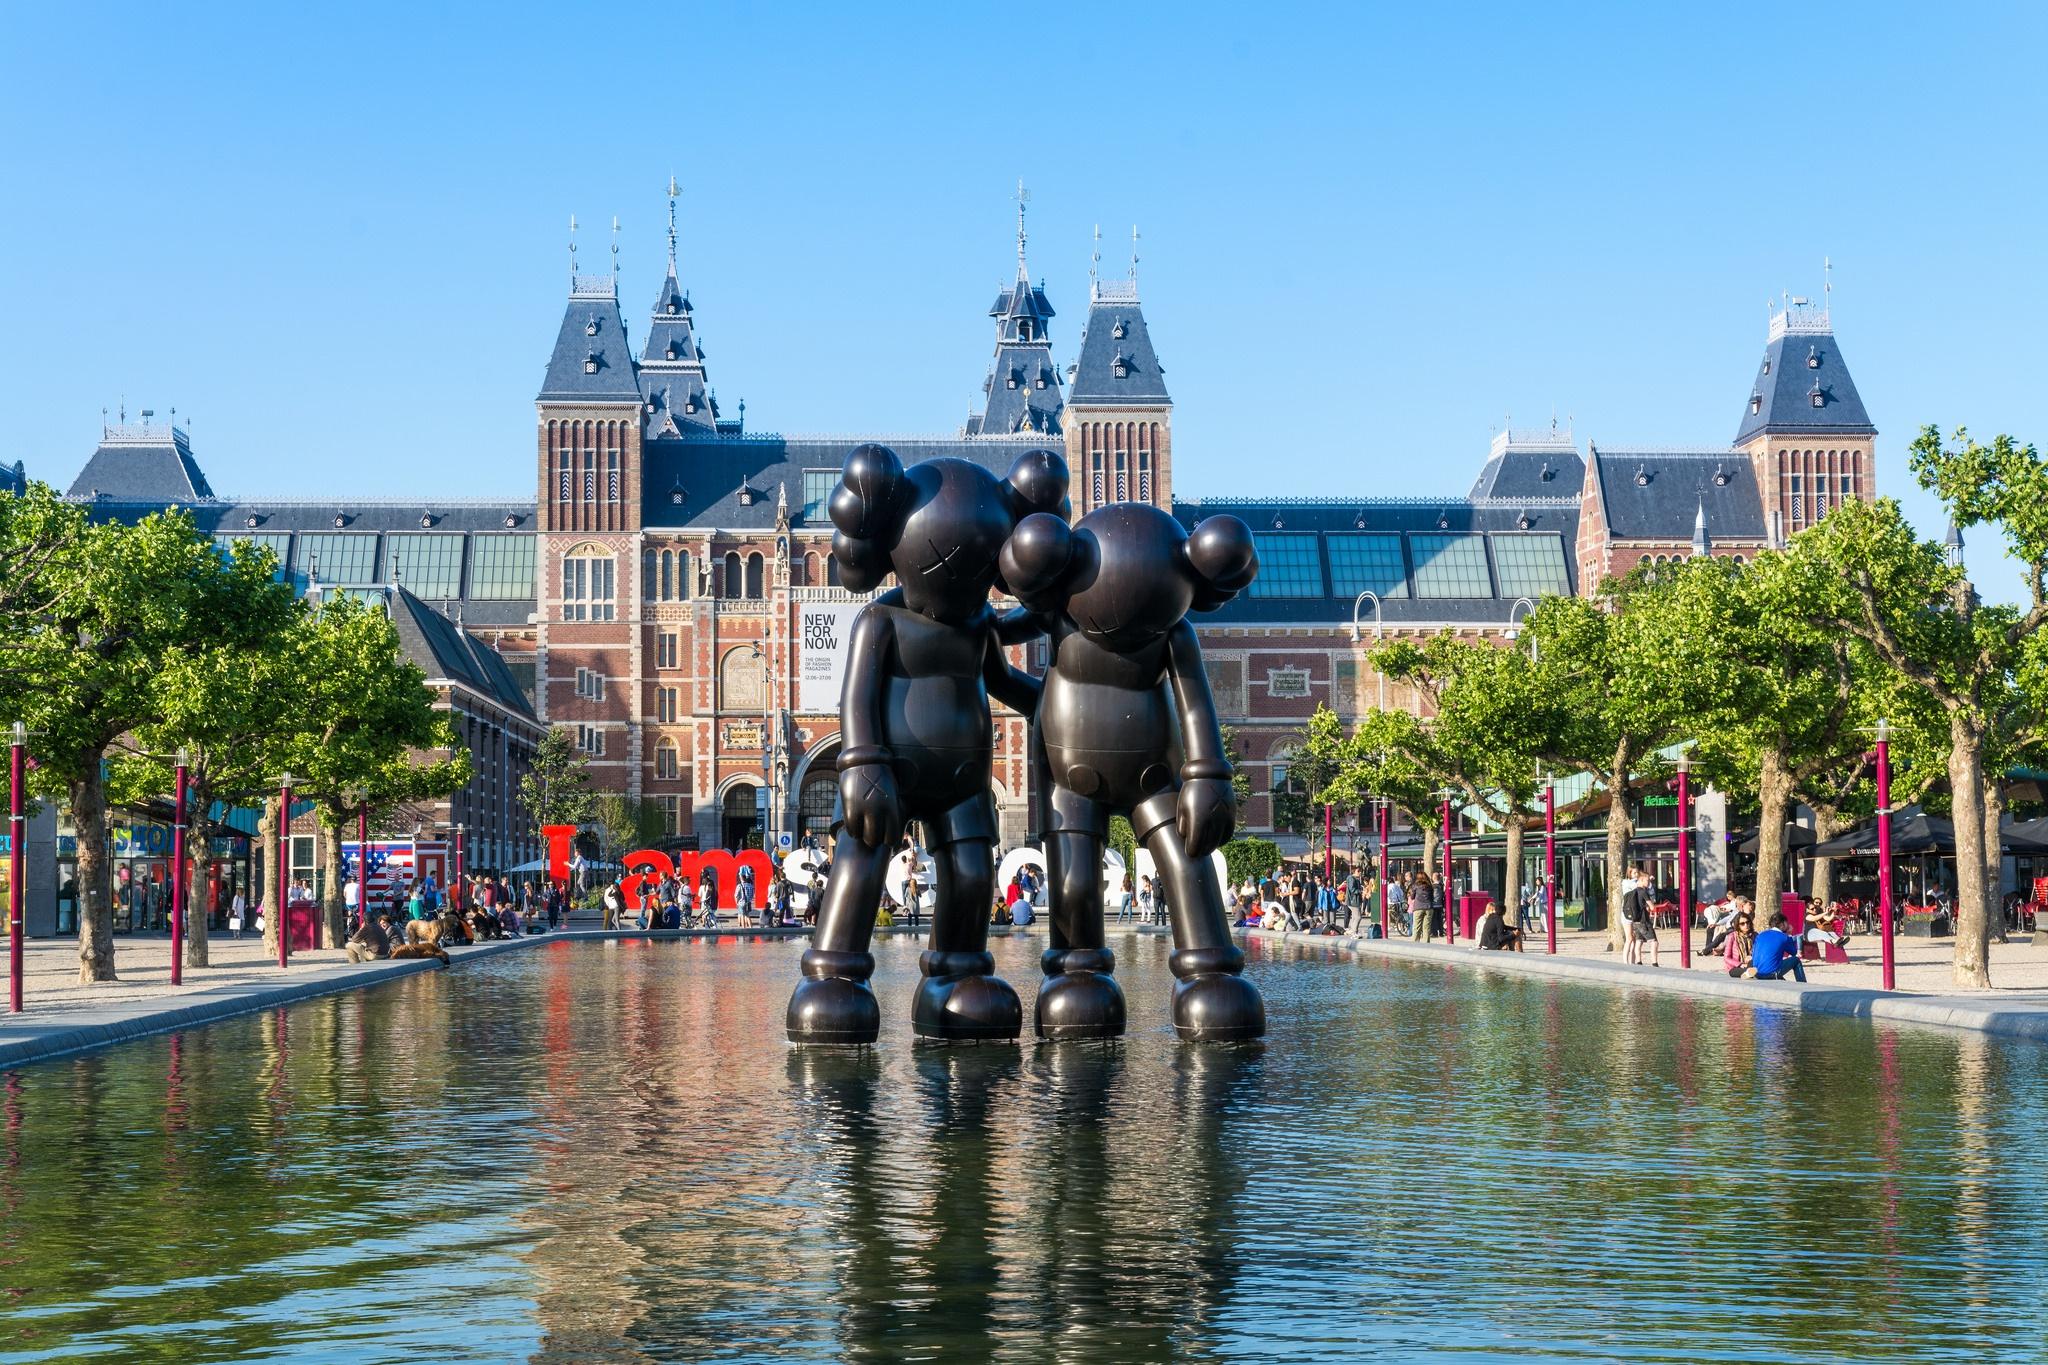 достопримечательности нидерландов фото и описание вязаная курица